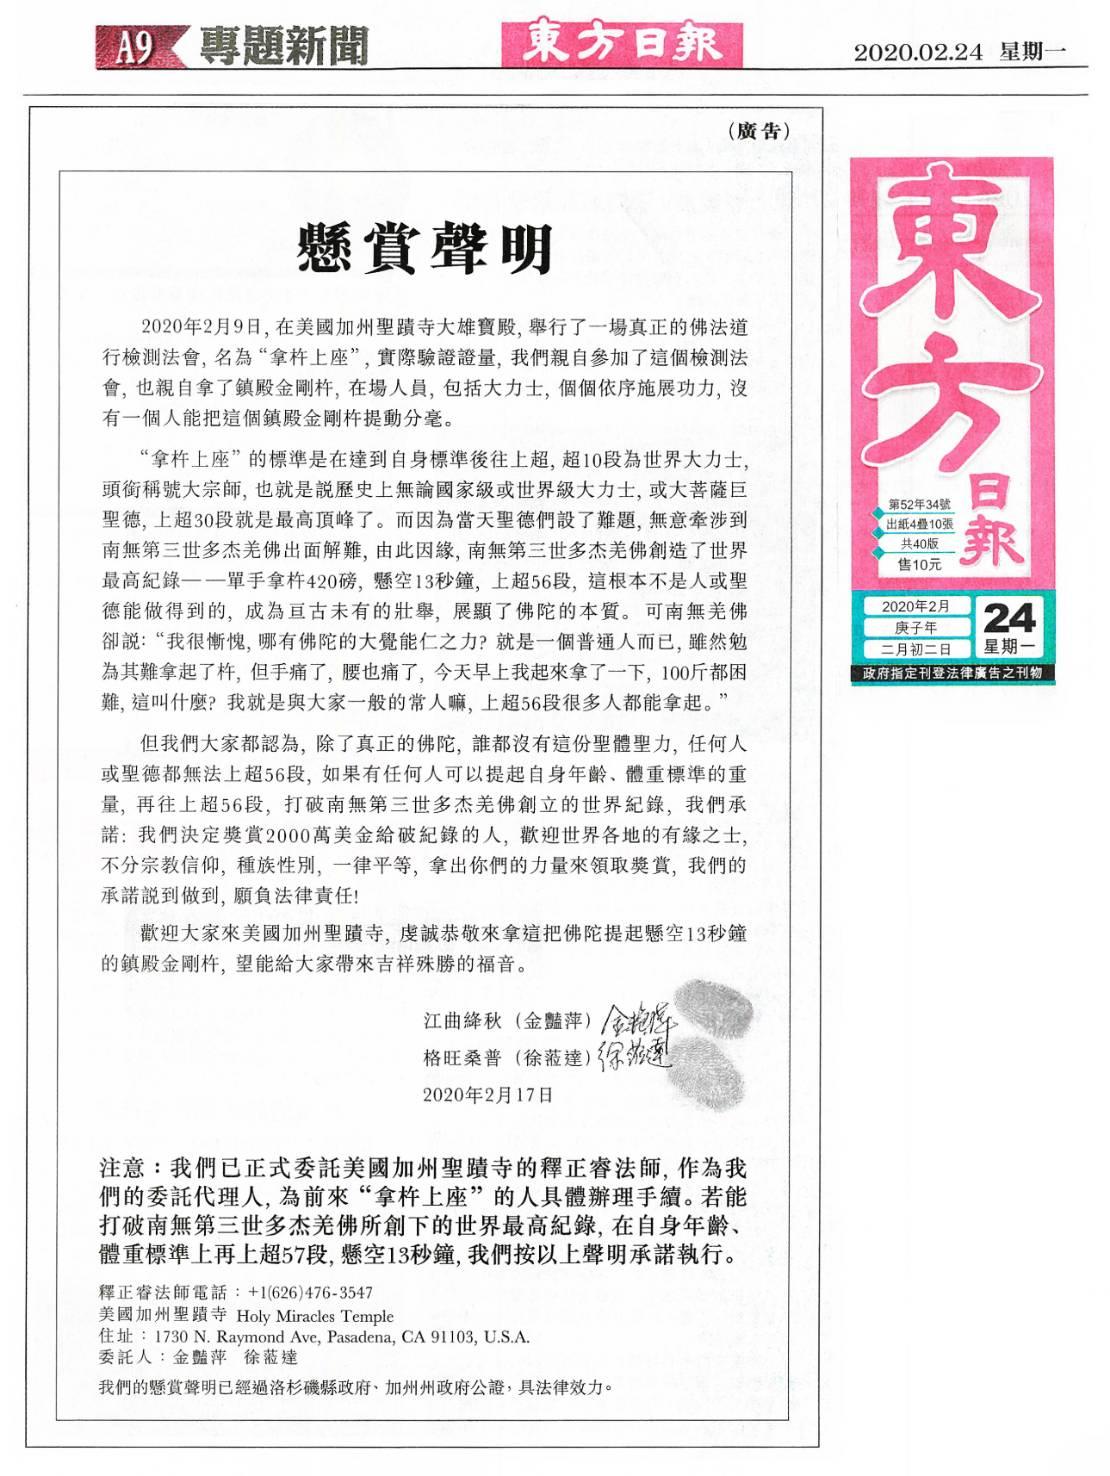 聖蹟寺懸賞聲明(2020年10月6日)-網路騙子台灣 劉子朋 網路妖言惑眾、誹謗佛陀,料想拿不下懸賞!